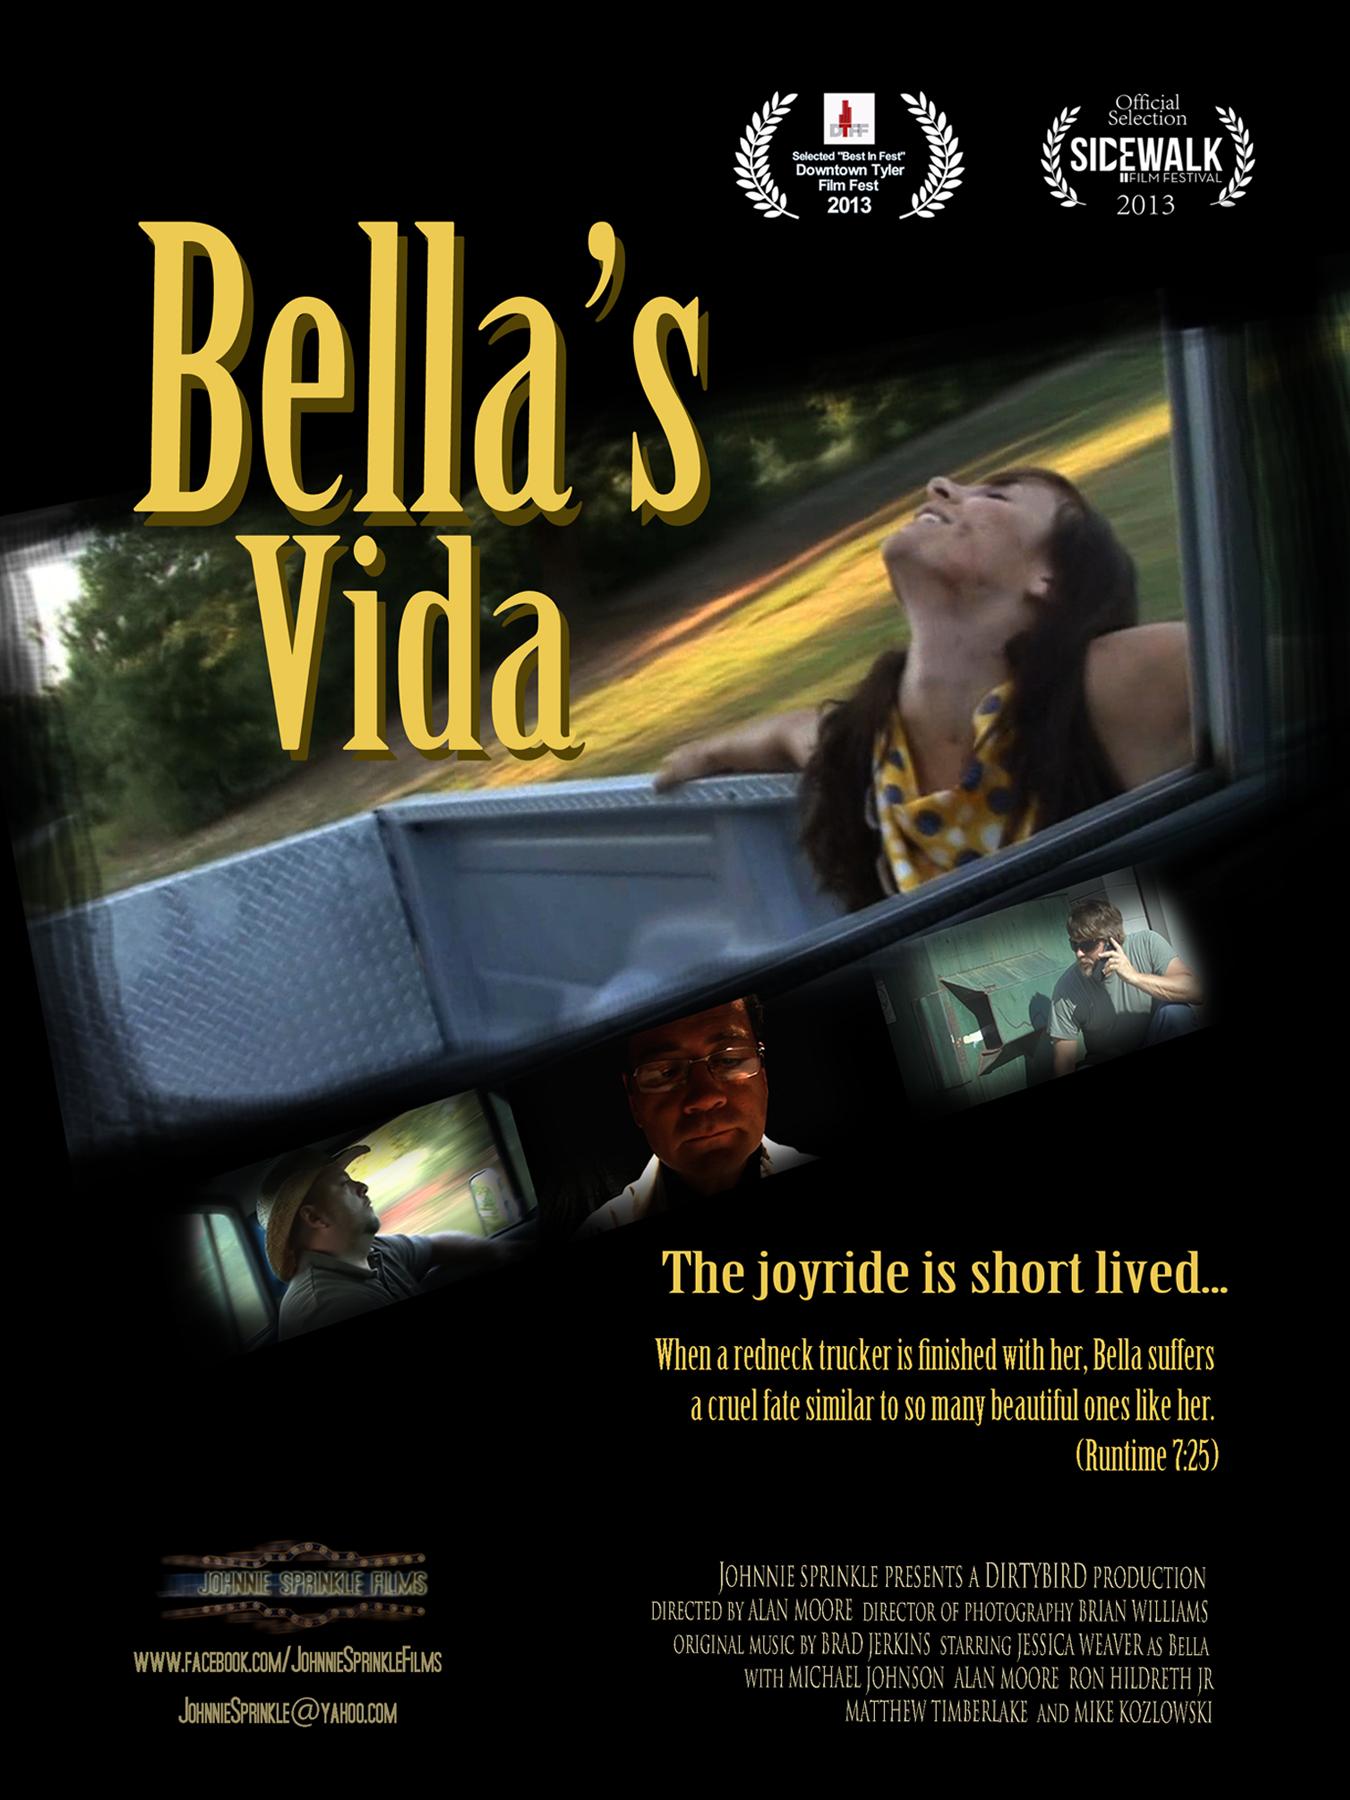 BELLA'S VIDA